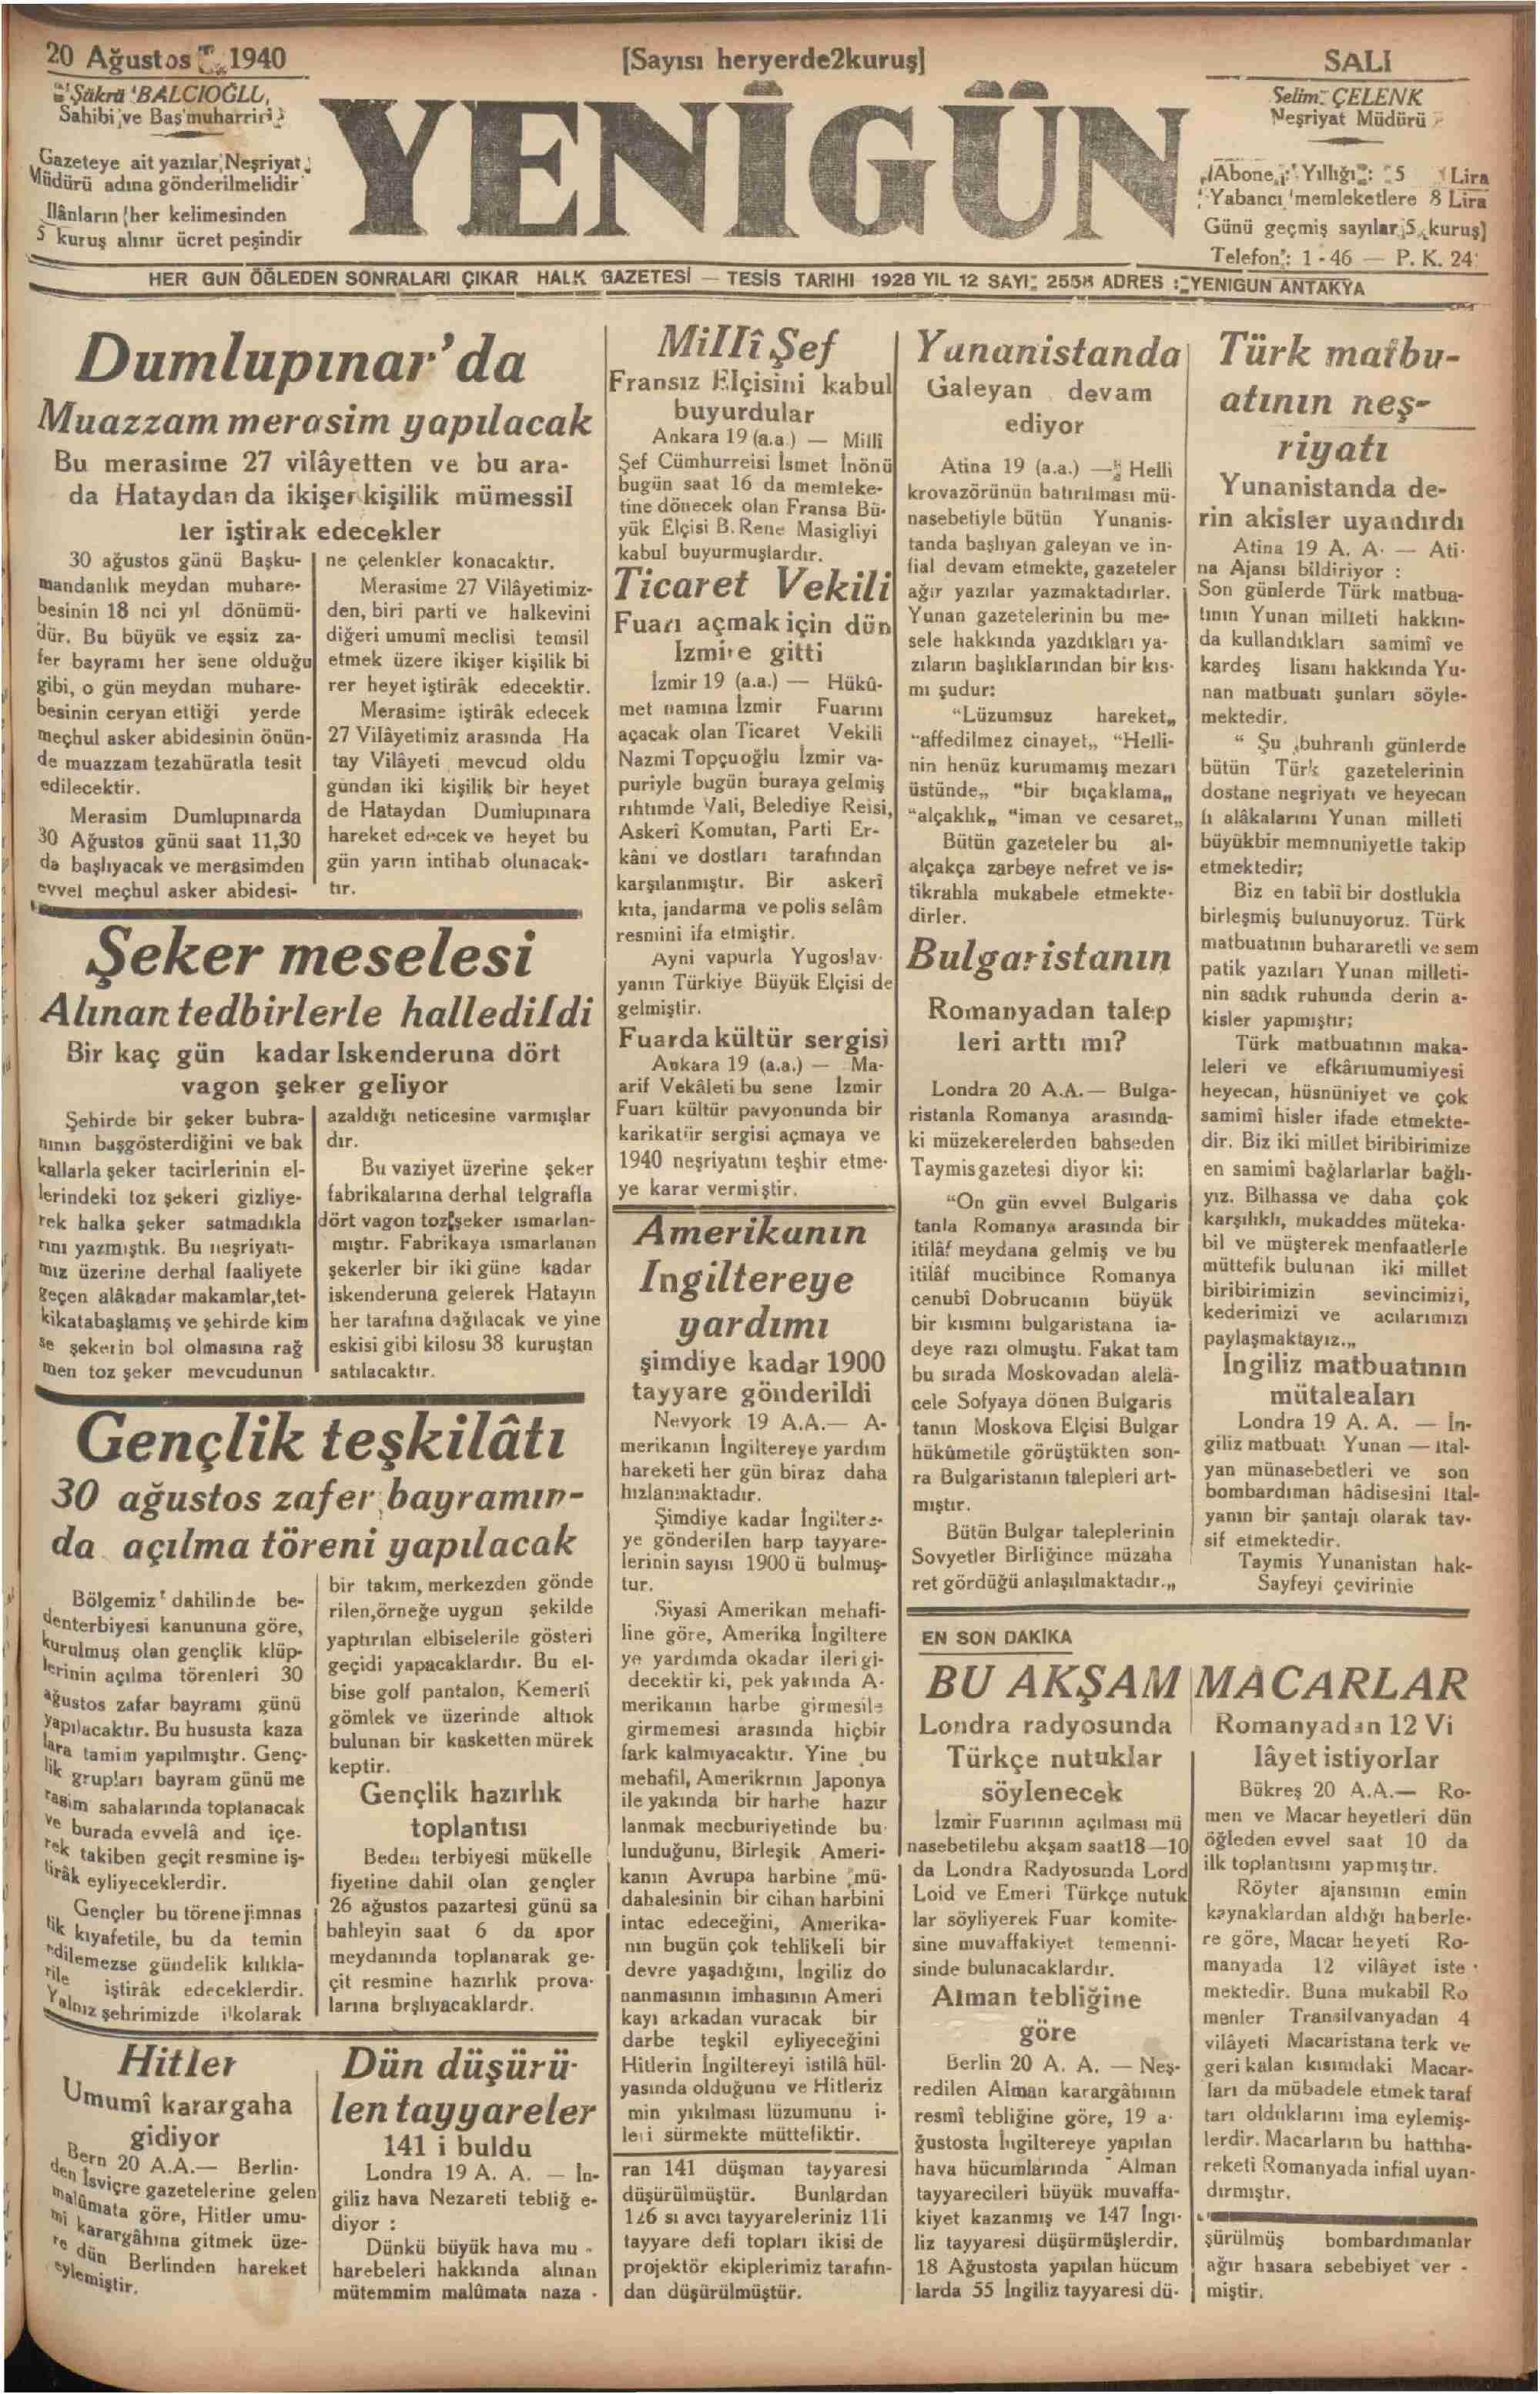 20 Ağustos 1940 tarihli Yenigün (Antakya) Gazetesi Sayfa 1